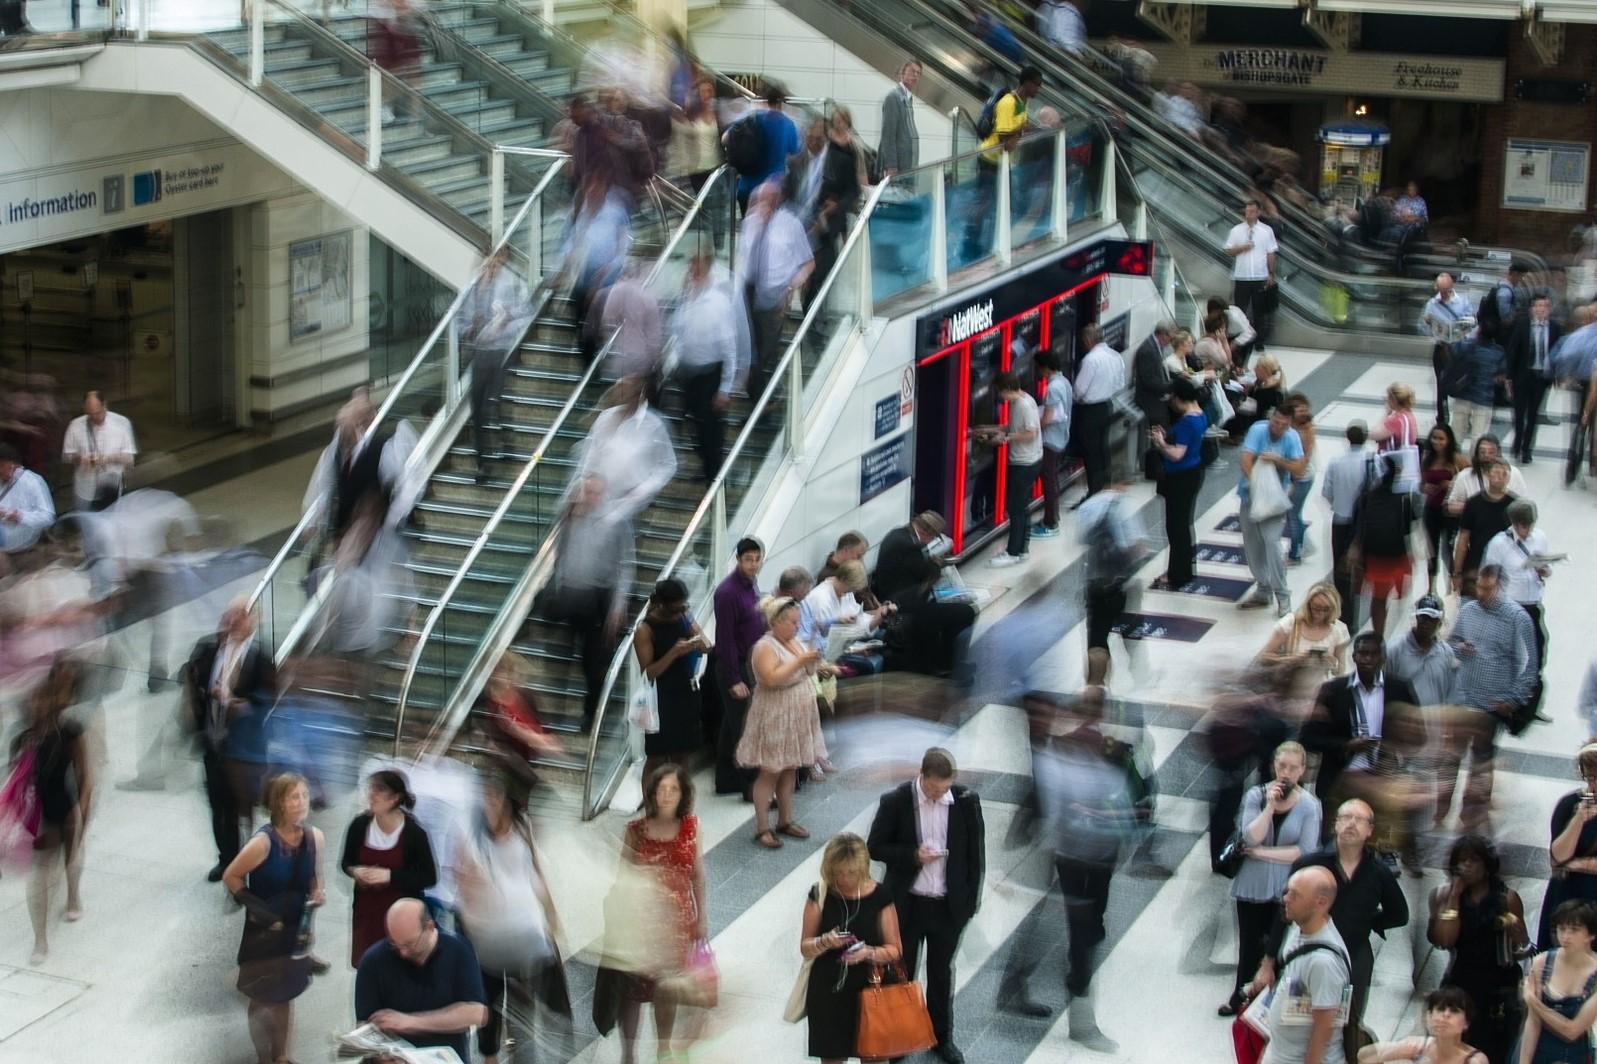 tłum ludzi mija się na peronie